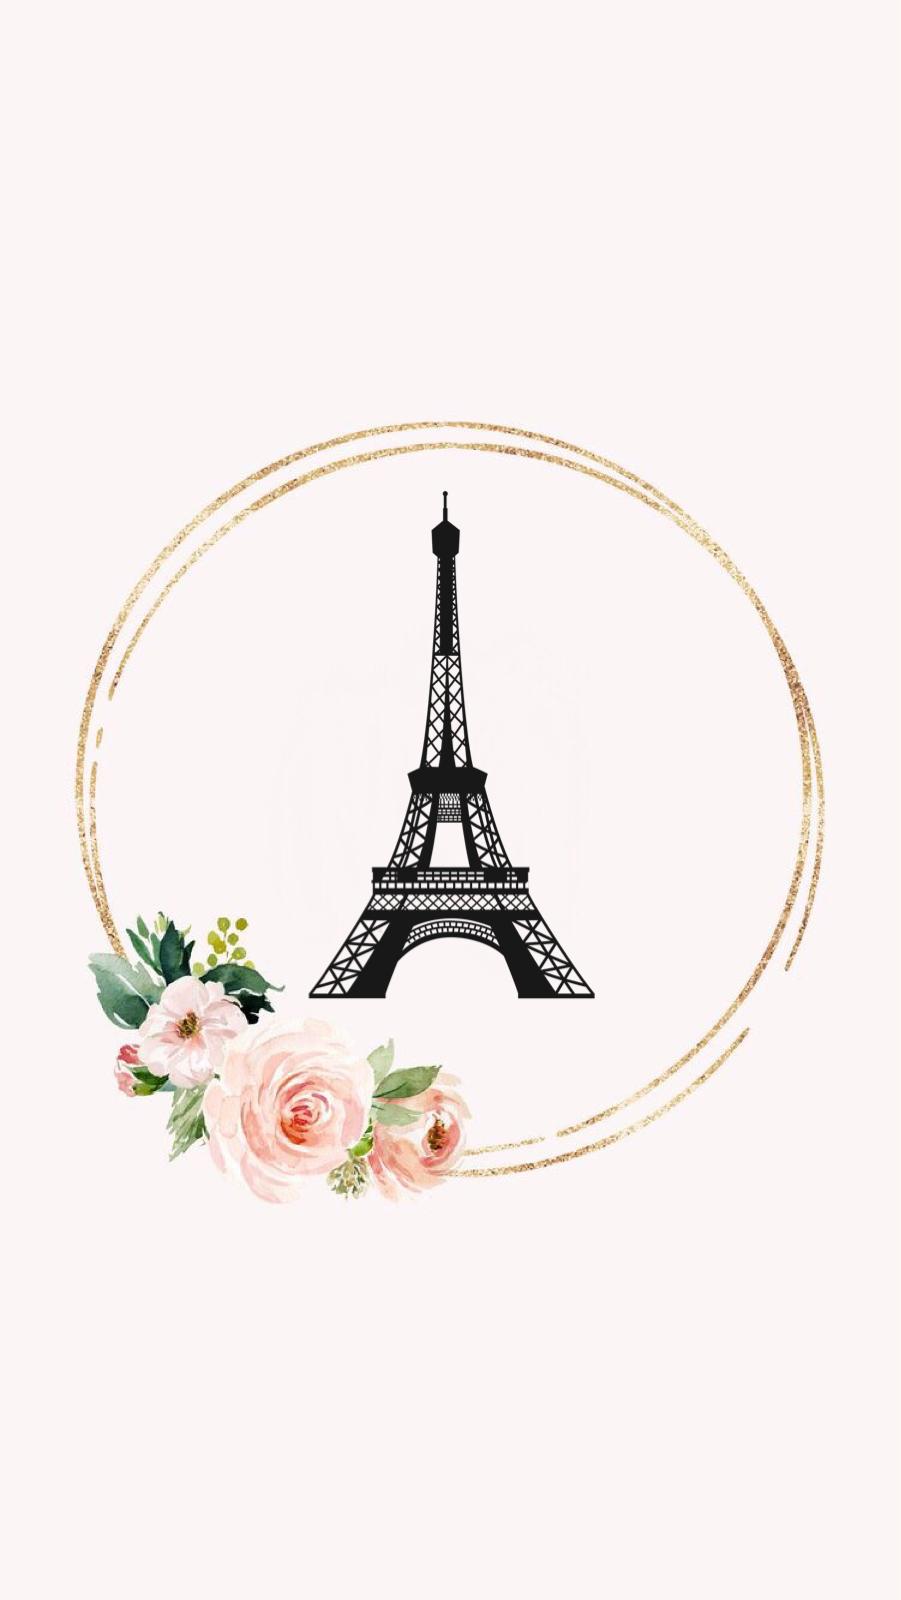 # plantillas # resaltar #instagram #blogger #paris #ciudad